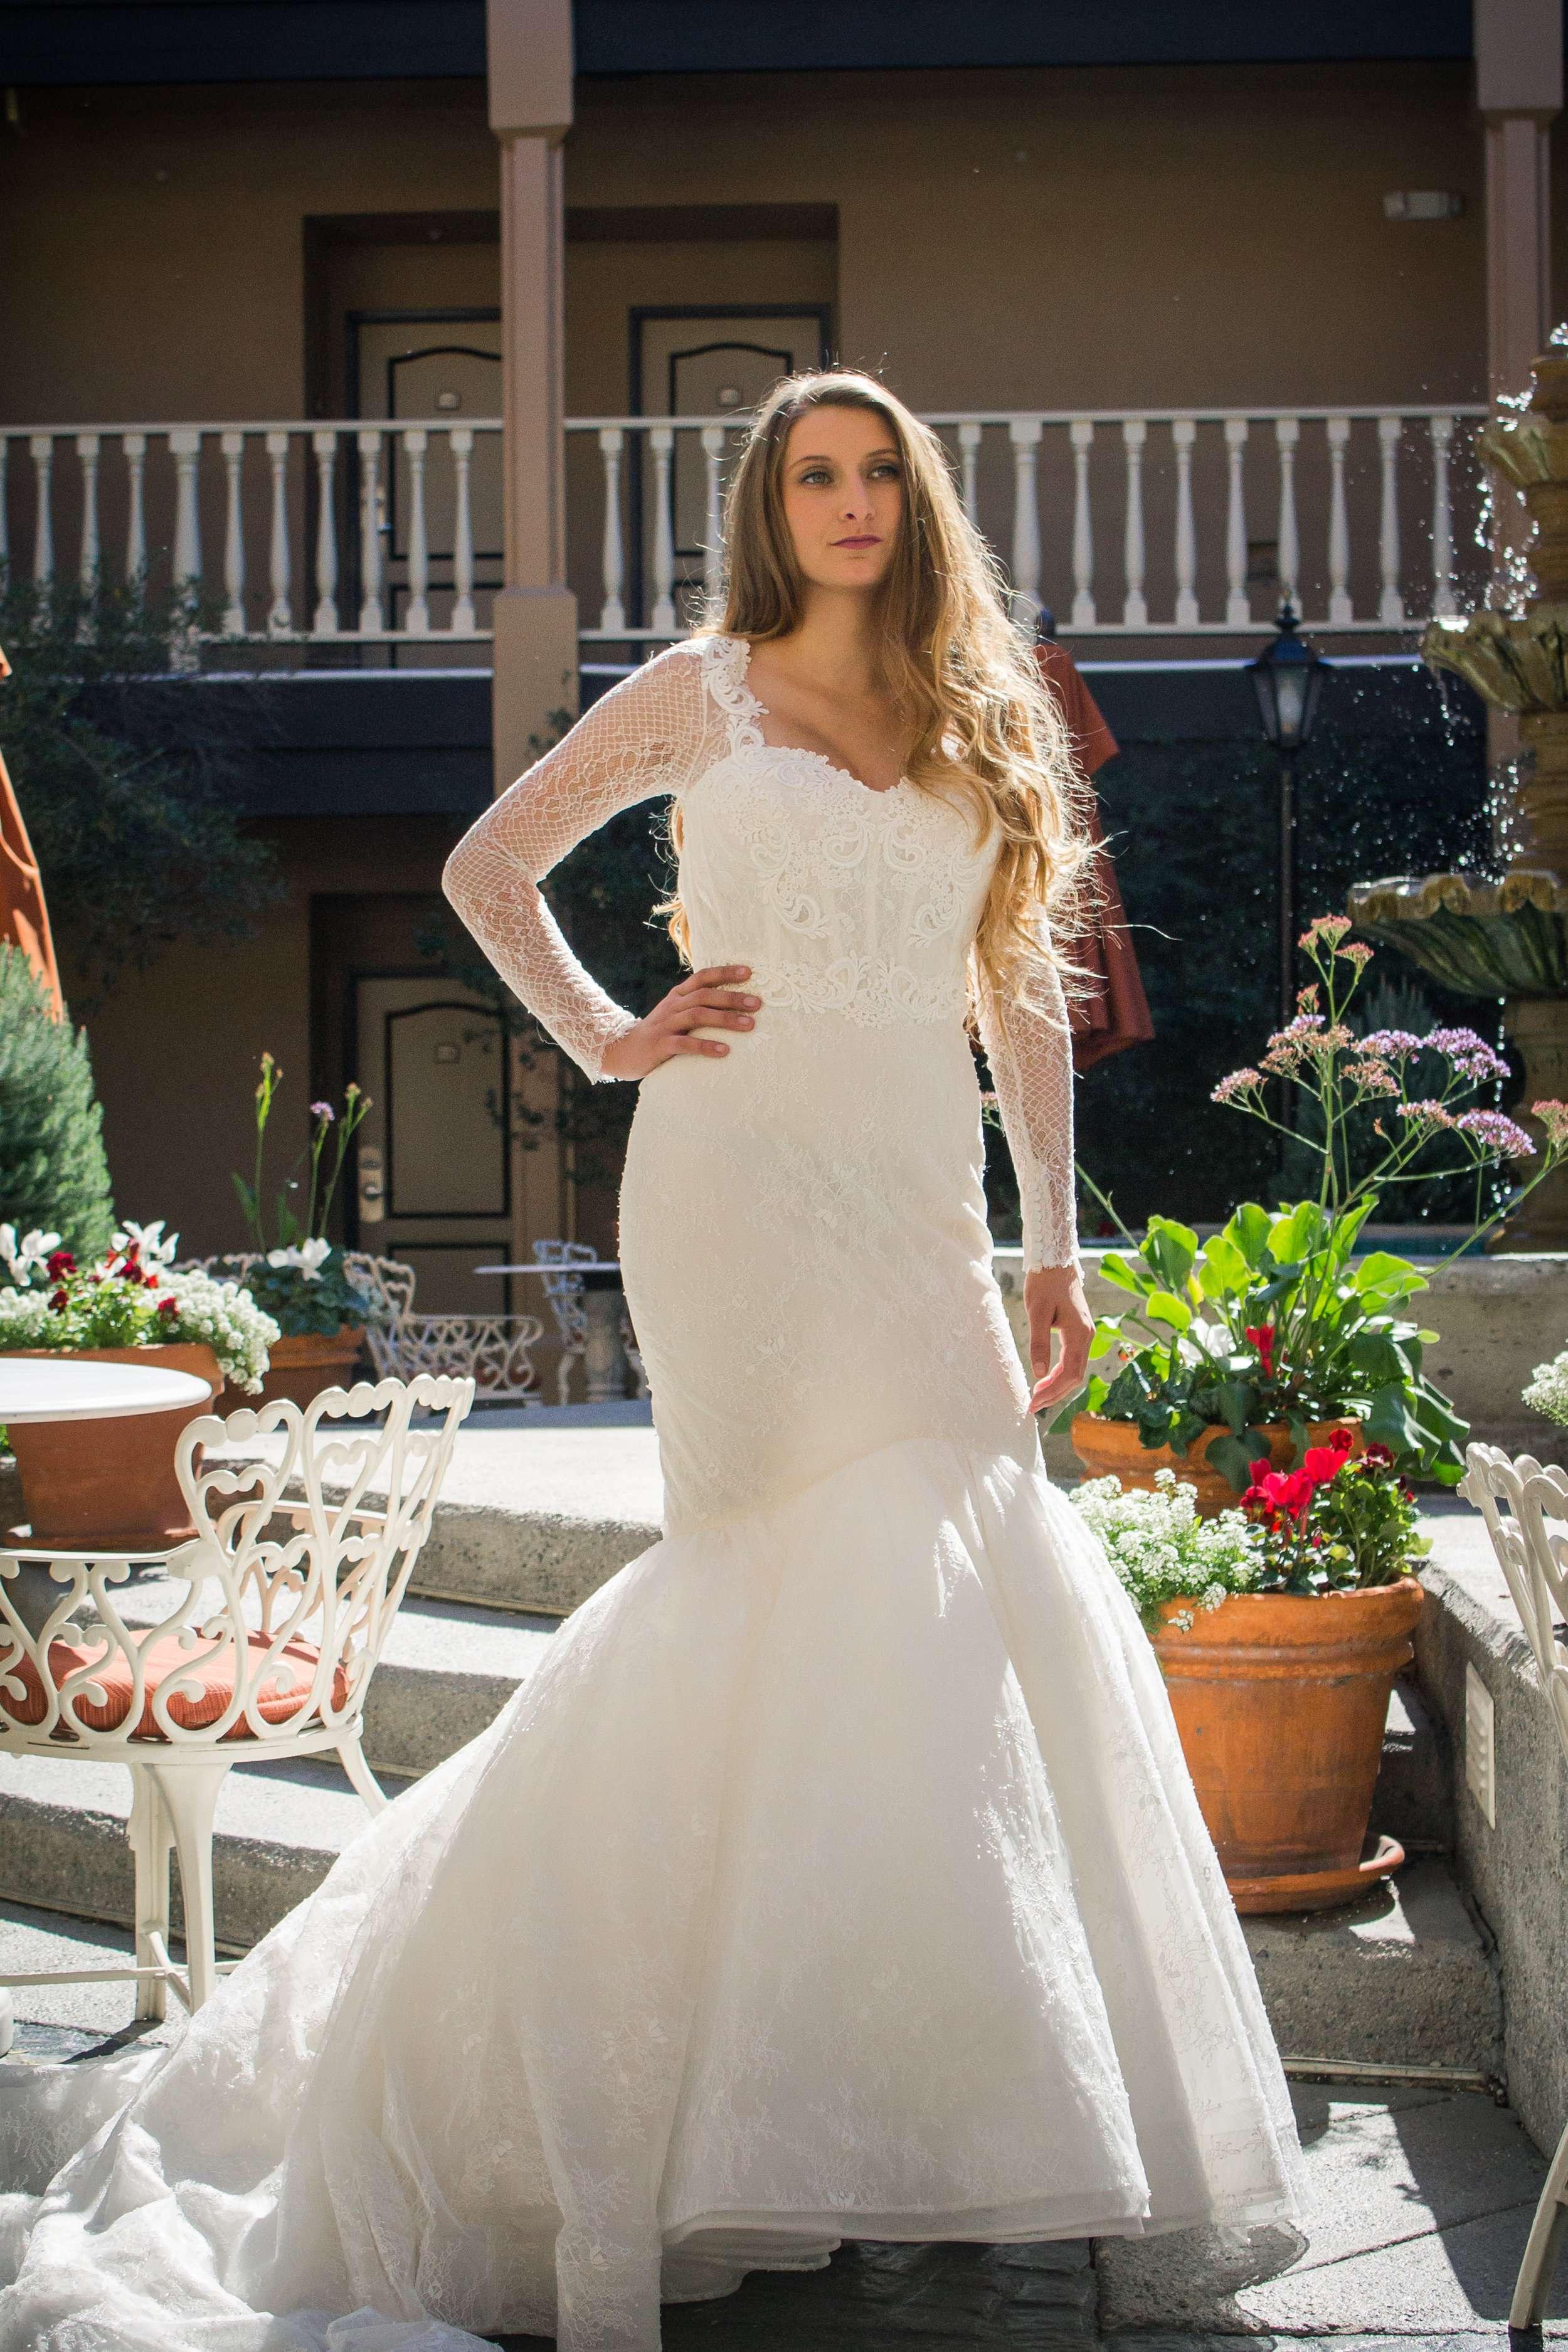 Dress: JLM